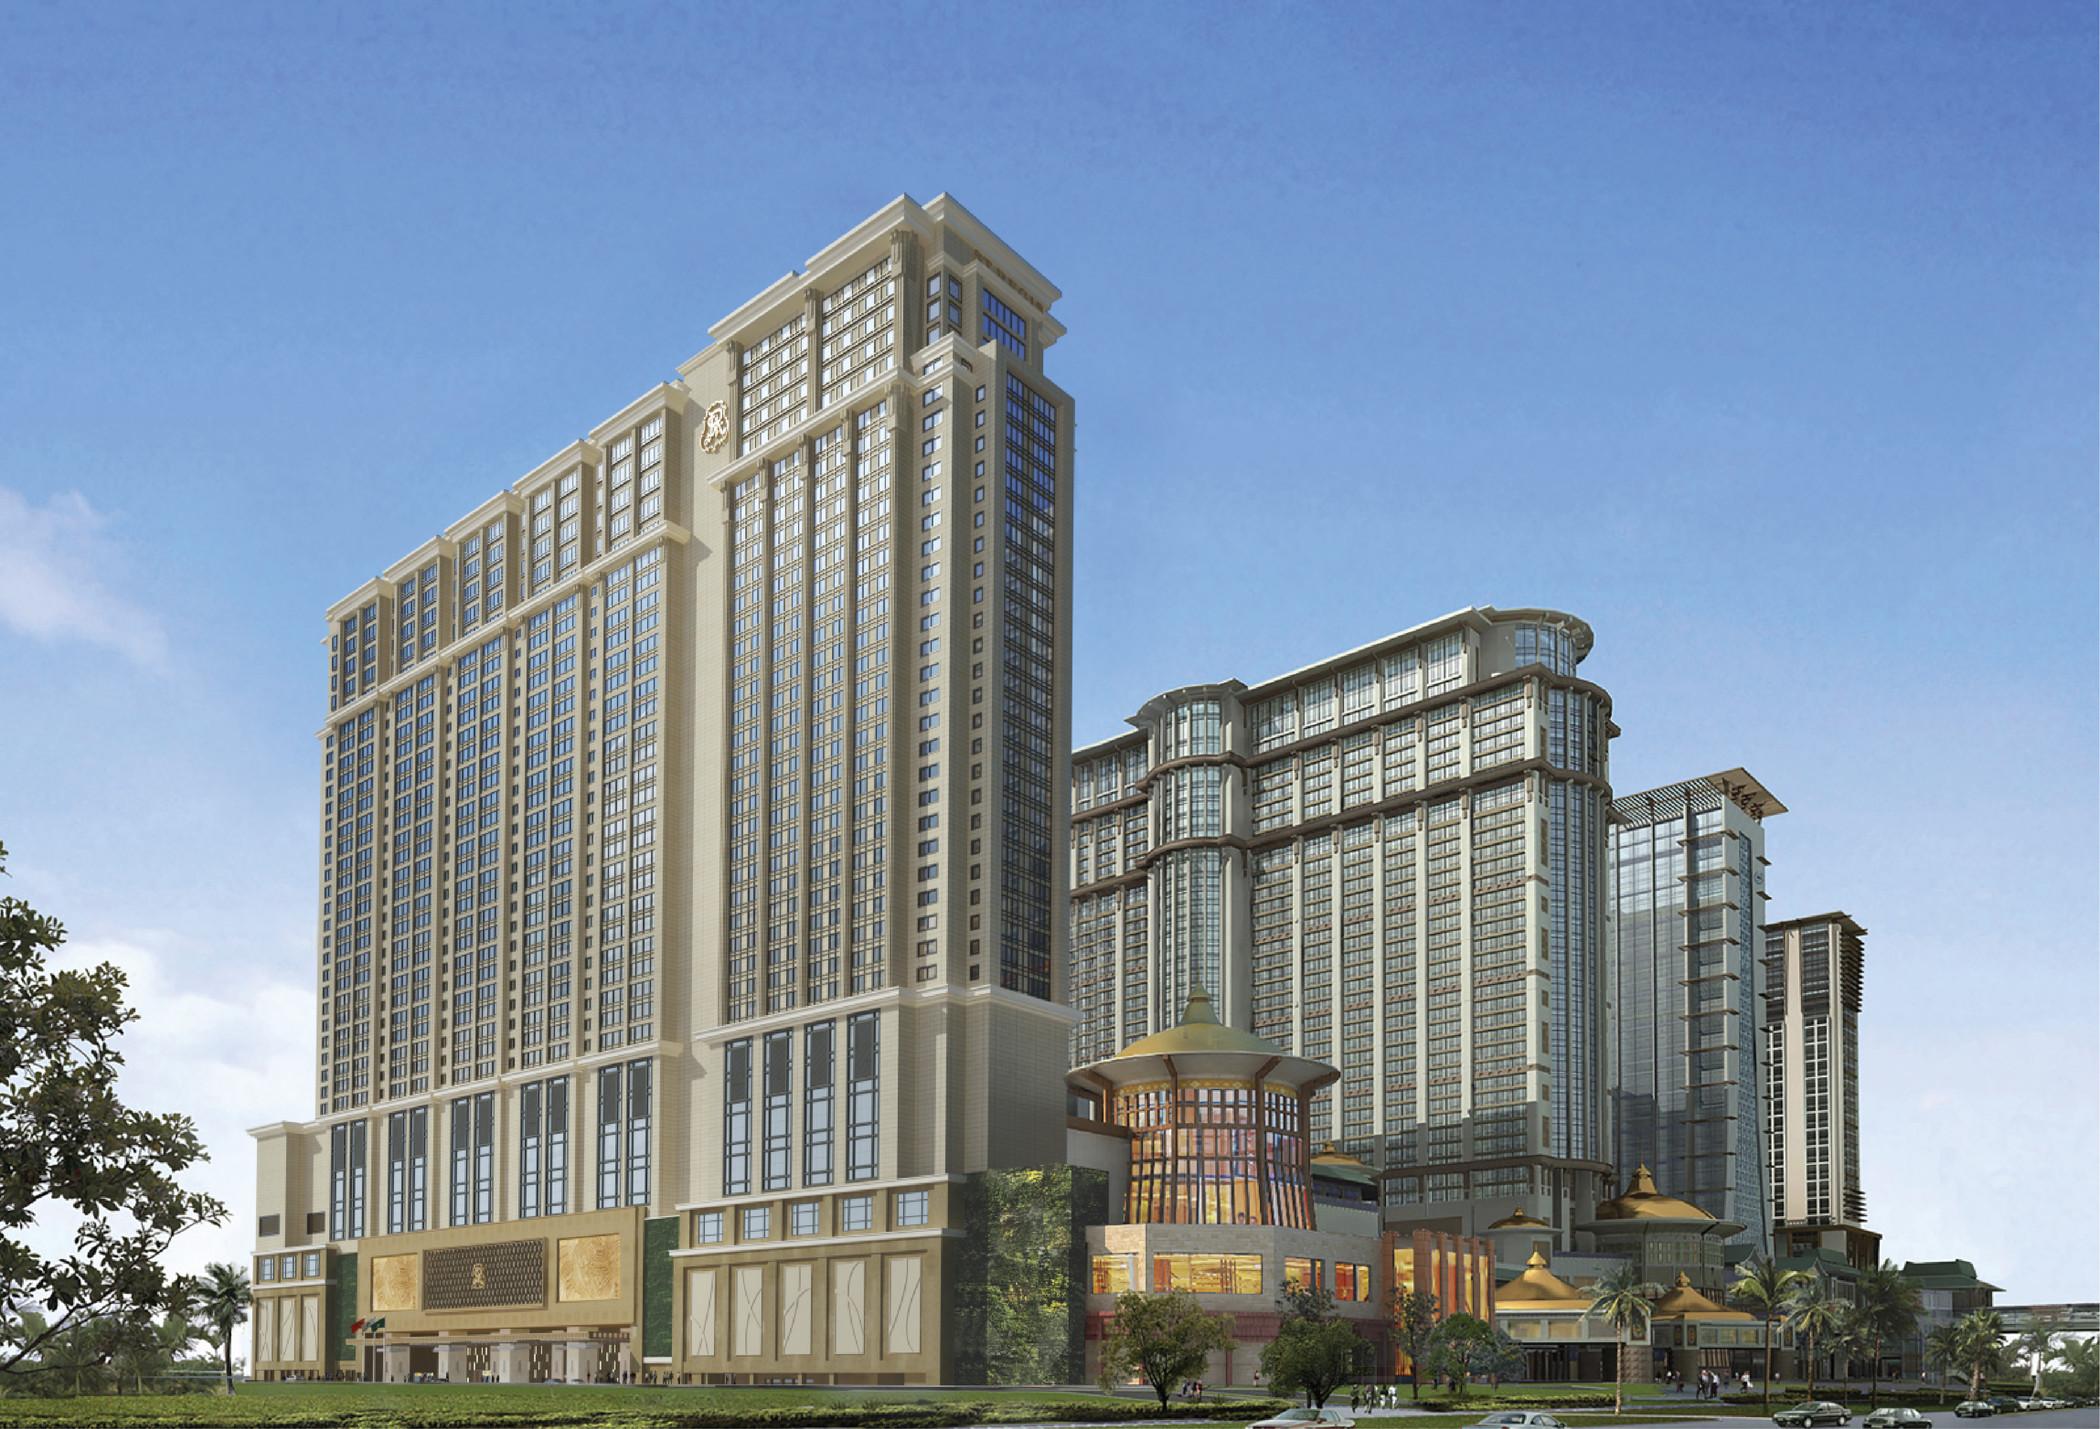 澳门瑞吉金沙城中心酒店将于今年第四季开业 Travel Weekly China